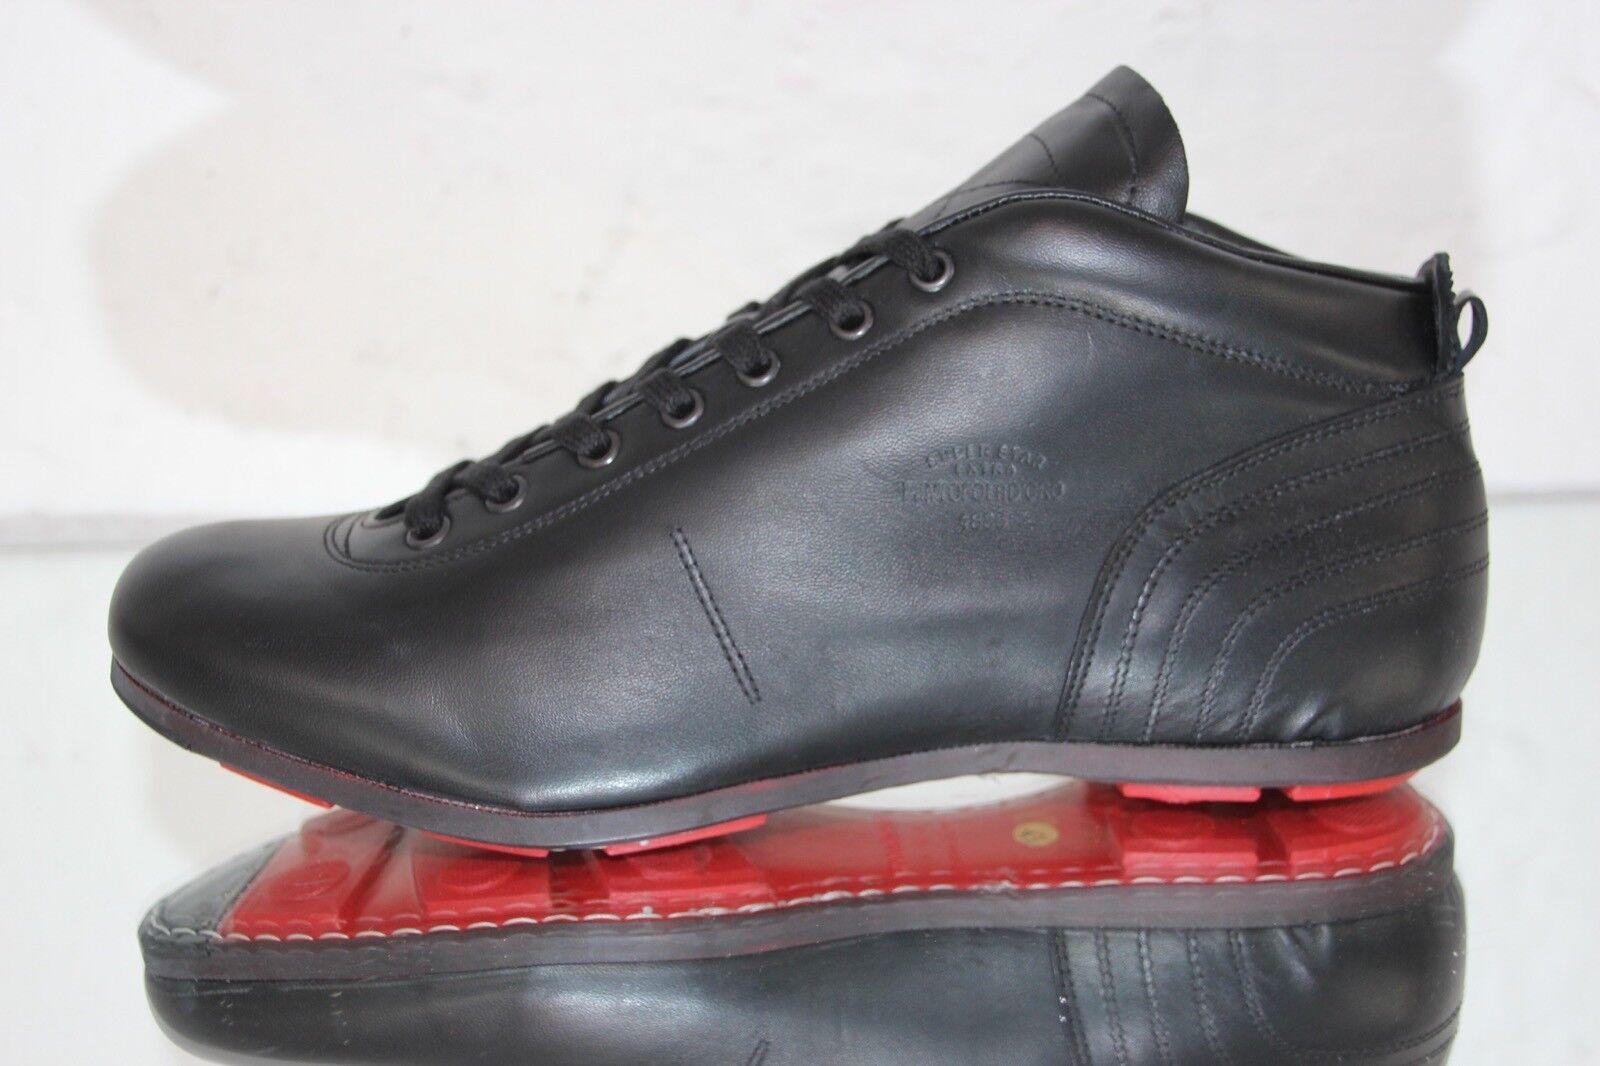 PANTOFOLA D´ORO PDO Sneaker SL19U Leder schwarz super 329 Star extra Gr.45 OVP 329 super 9ea49c